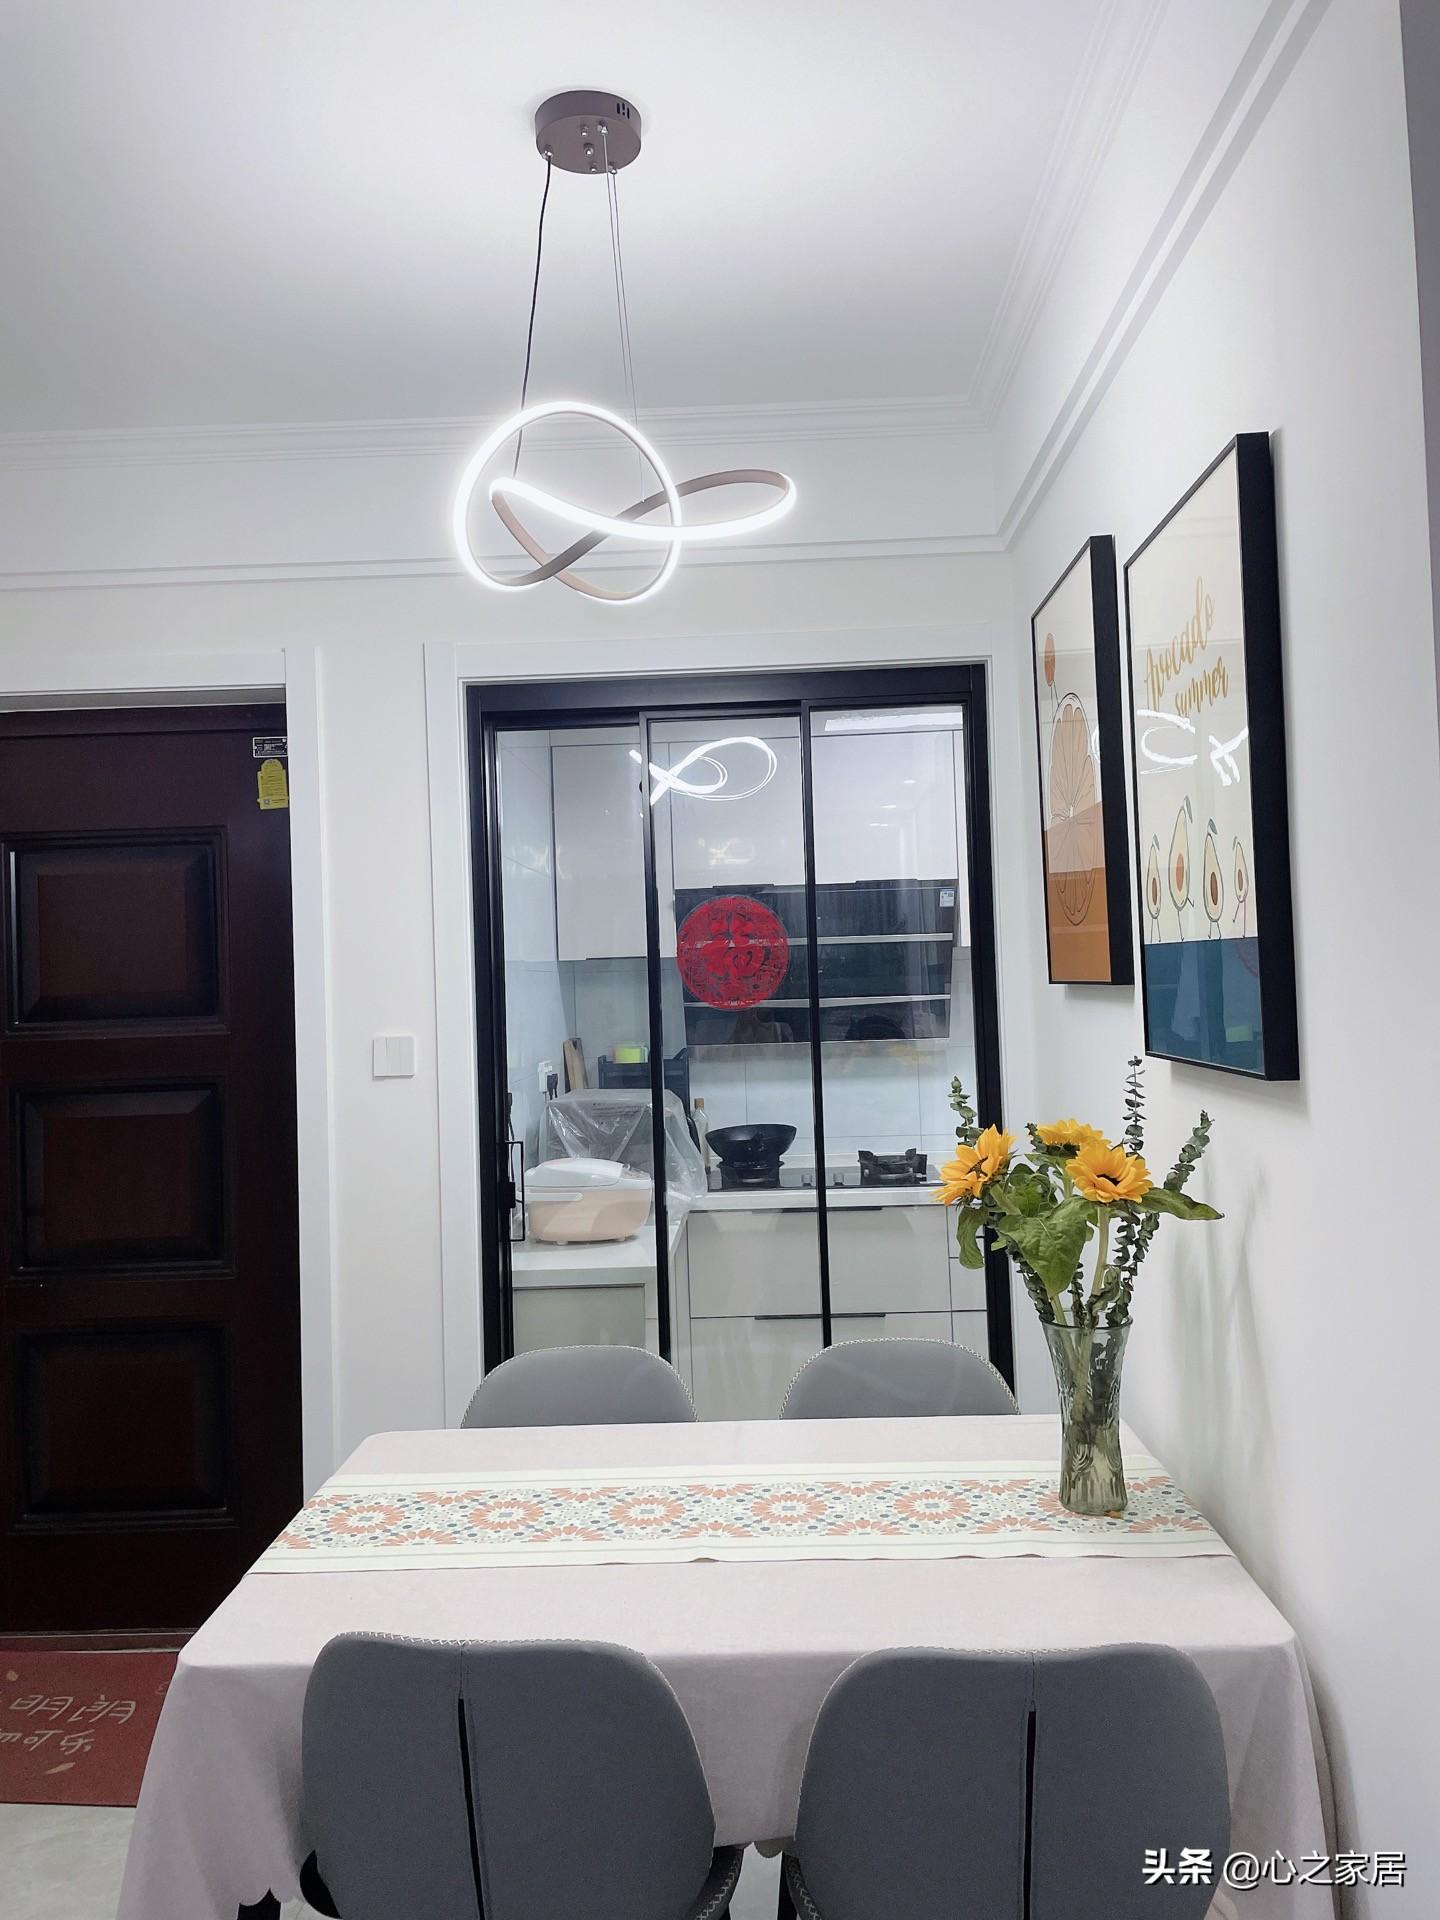 70㎡的房子简约实用的装修,平平无奇又别具一格,普通中凸显别致